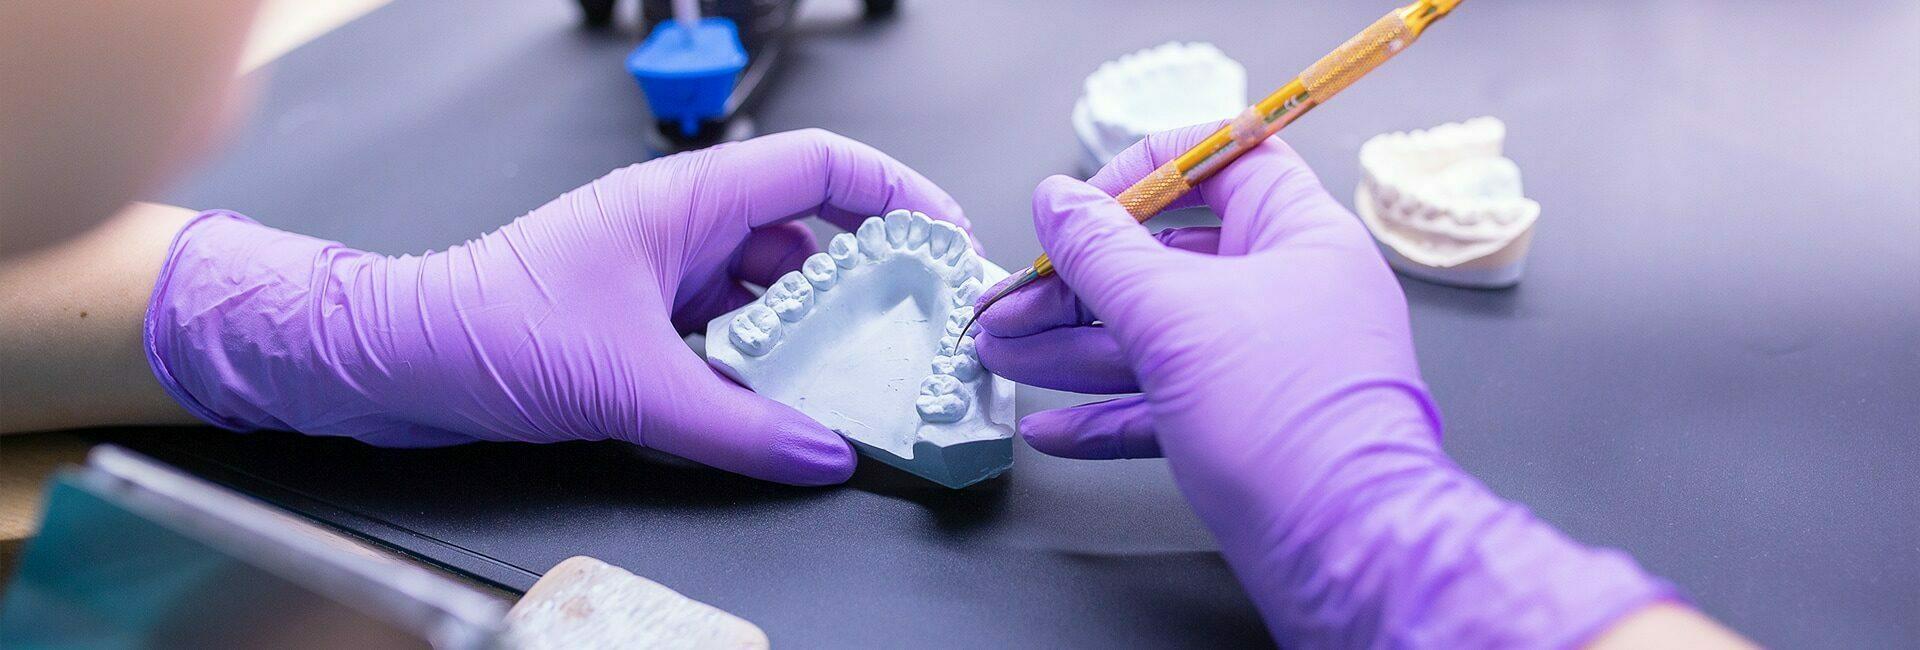 Zahntechnikerin beim Erstellen eines Zahnersatzes